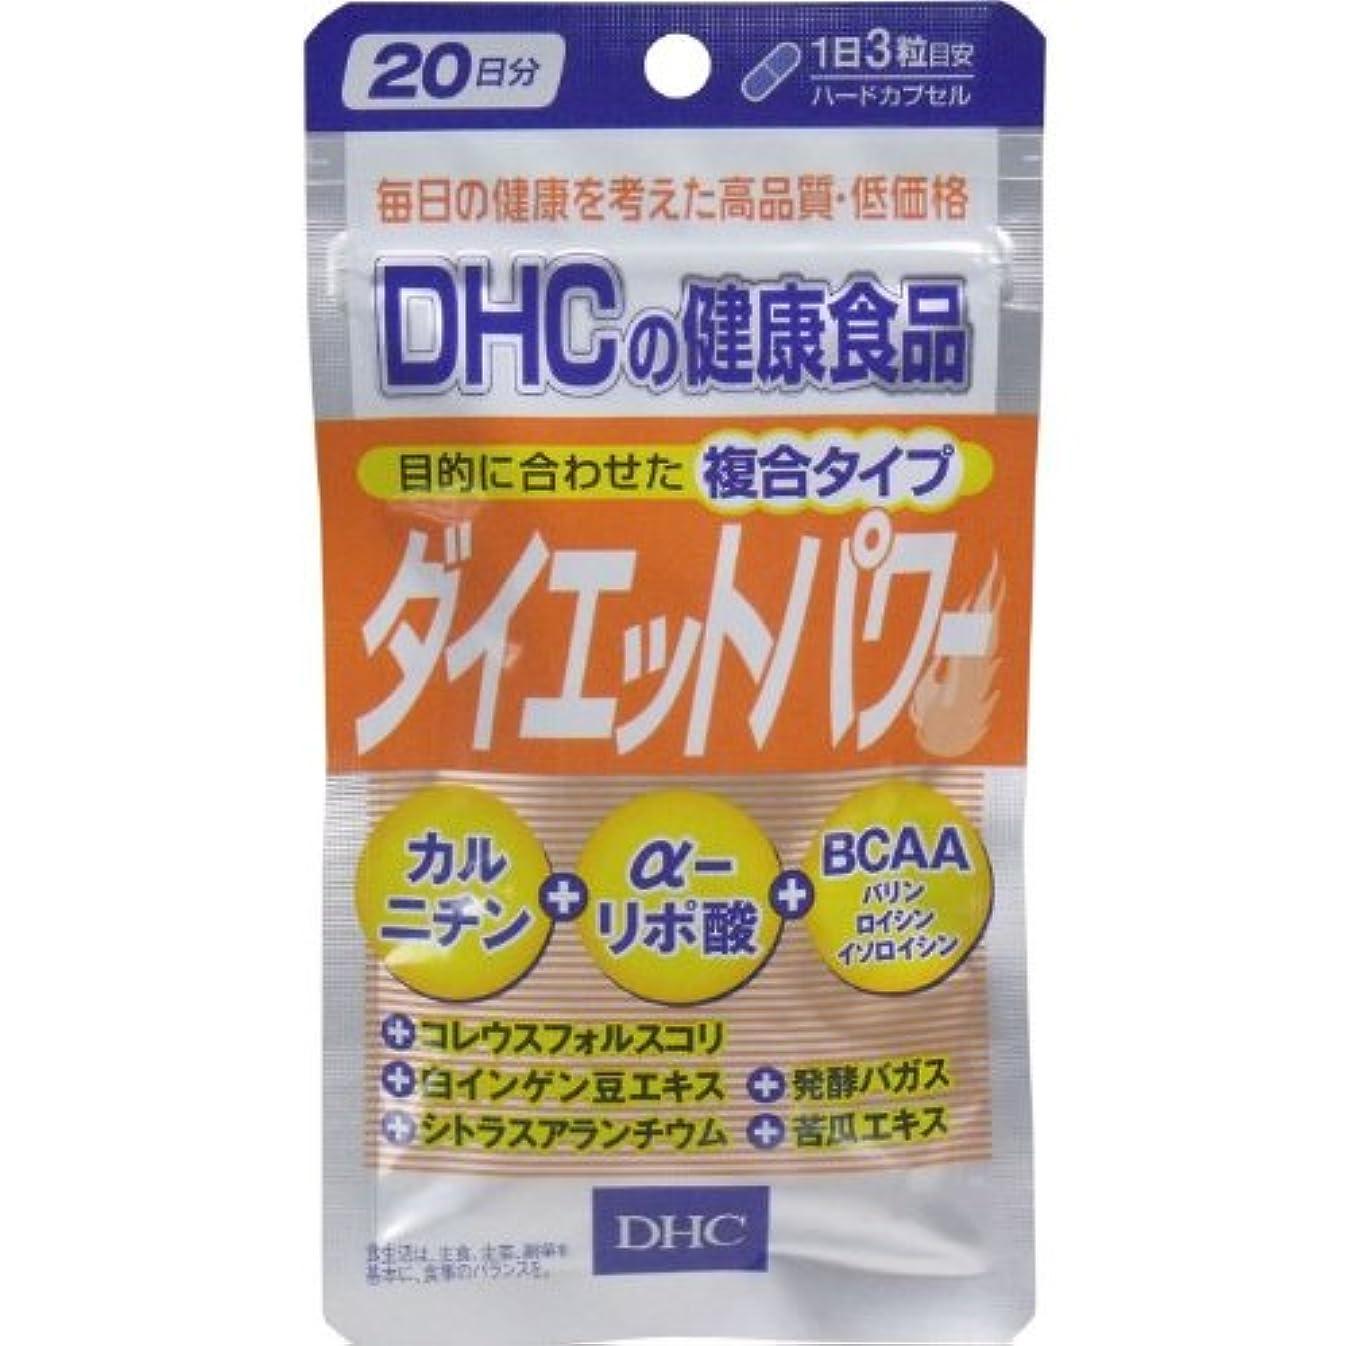 興奮する禁じるステージDHC ダイエットパワー 60粒入 20日分「5点セット」